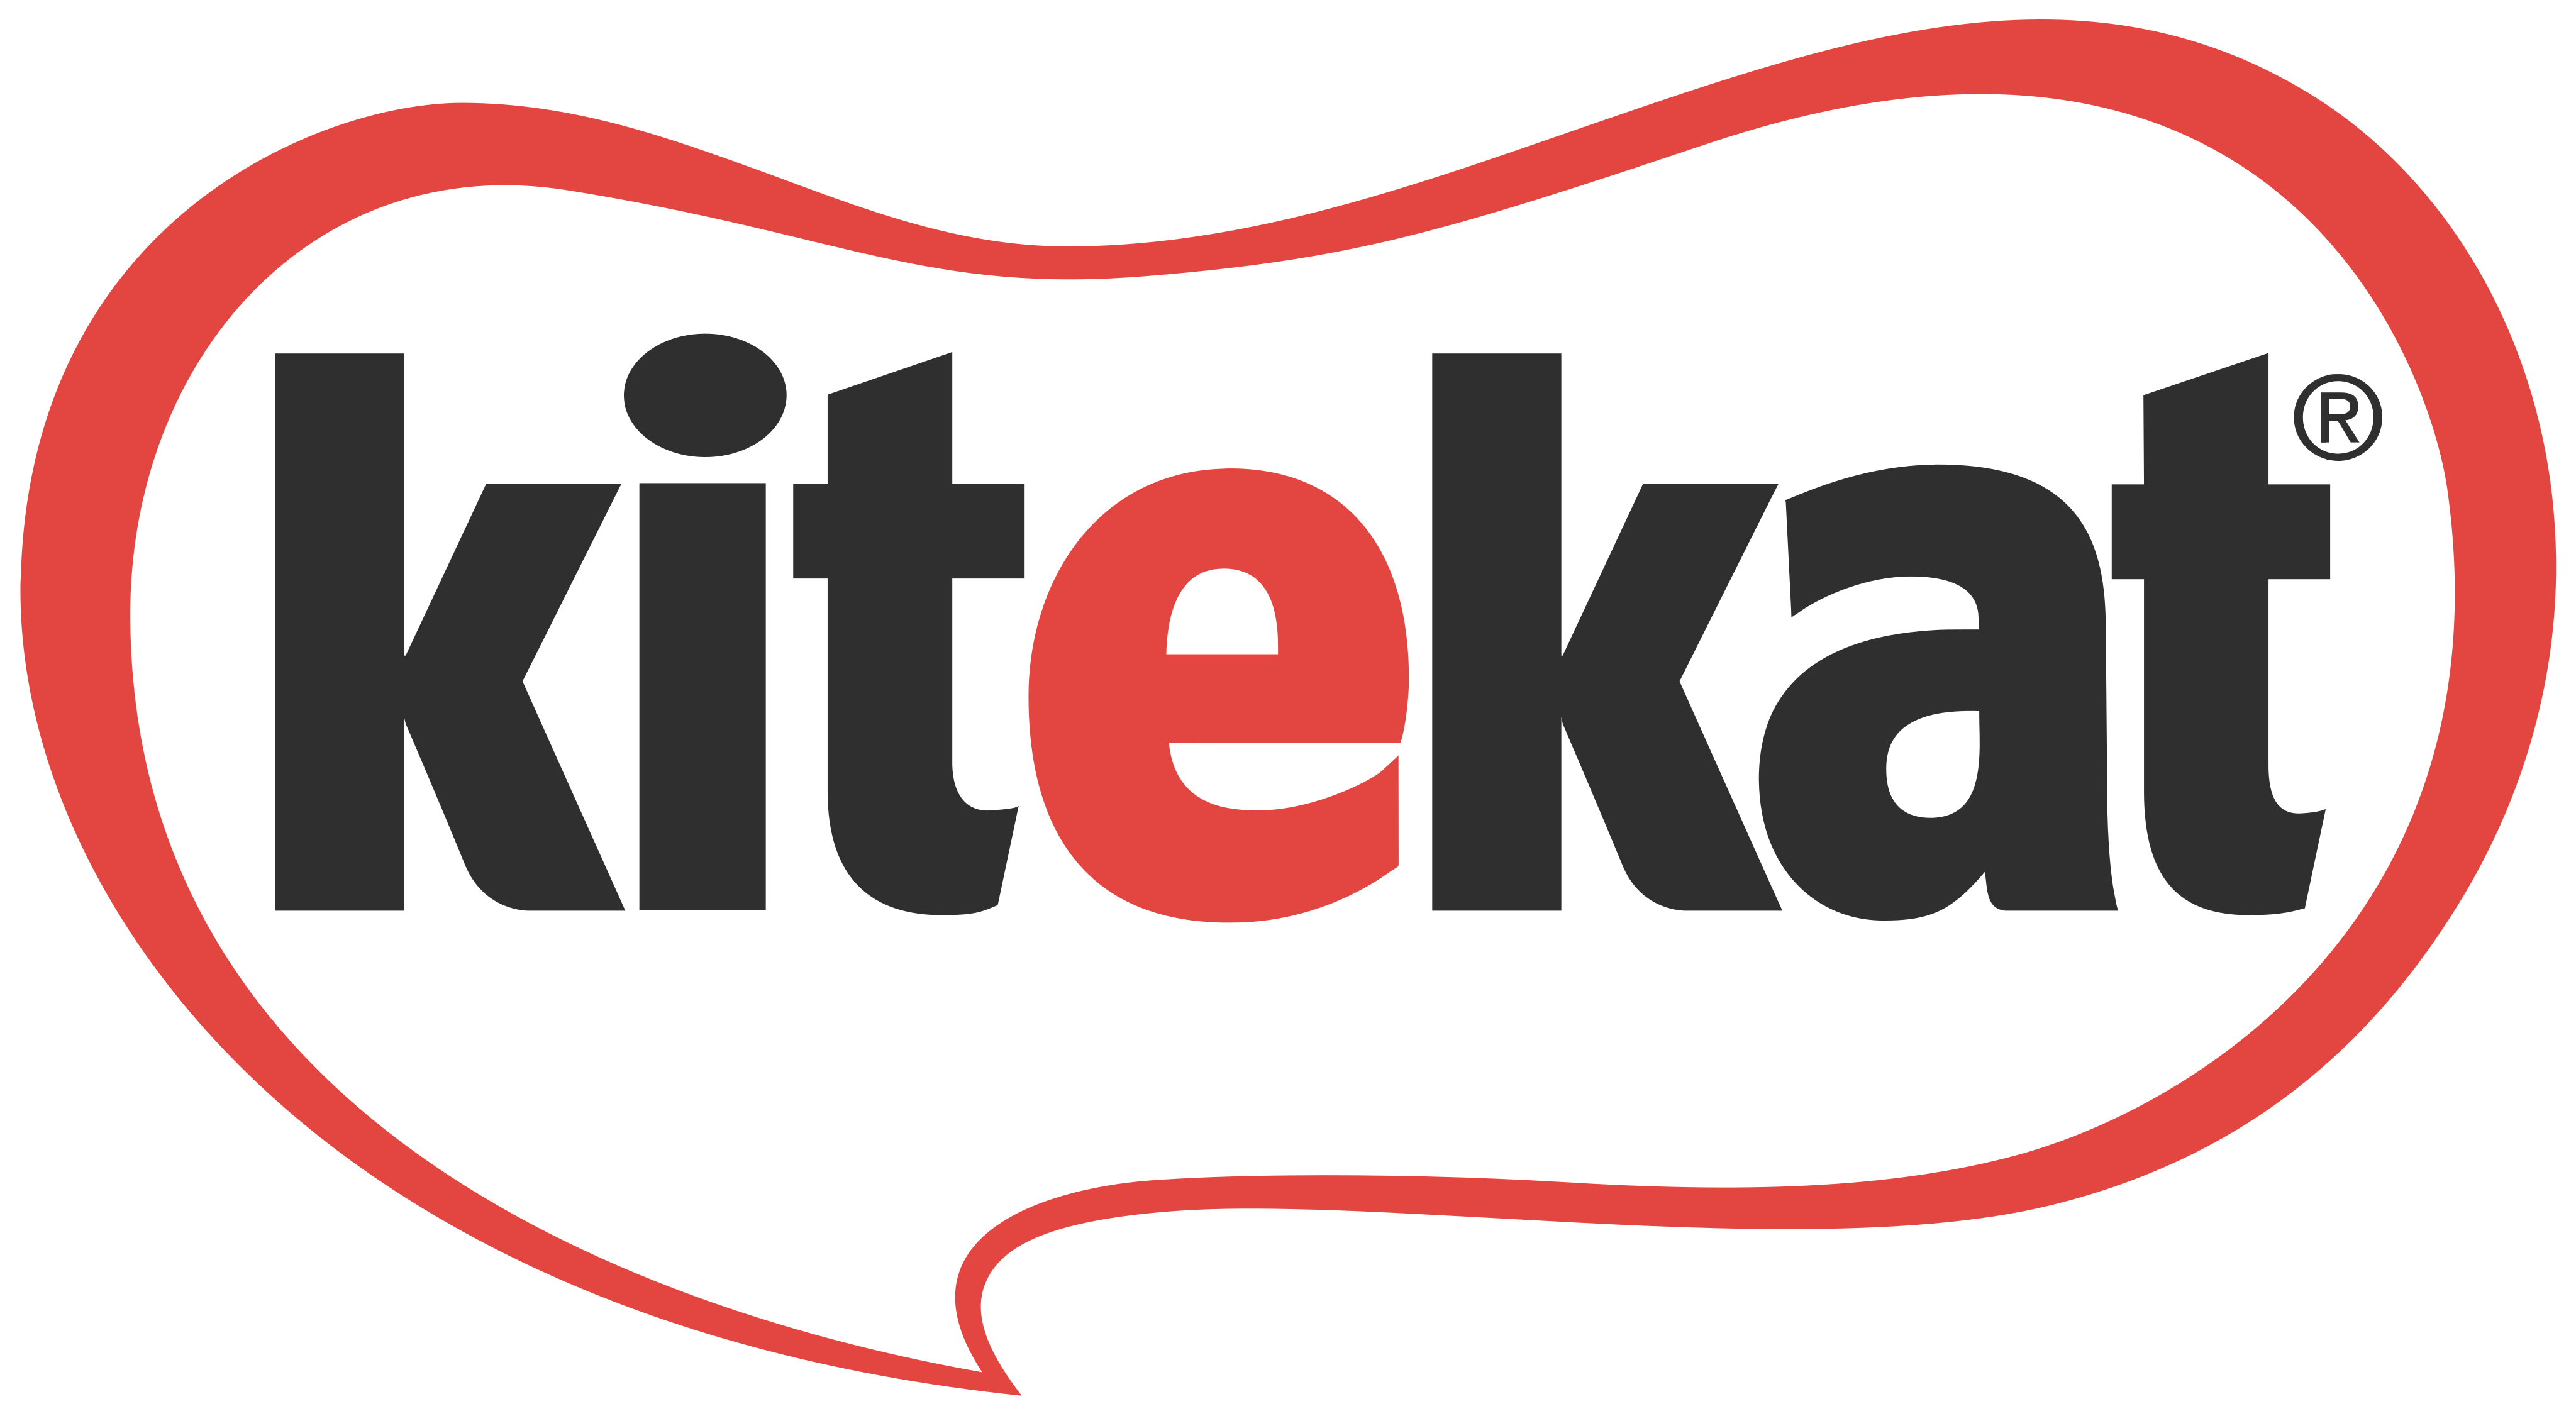 Kitekat logo.